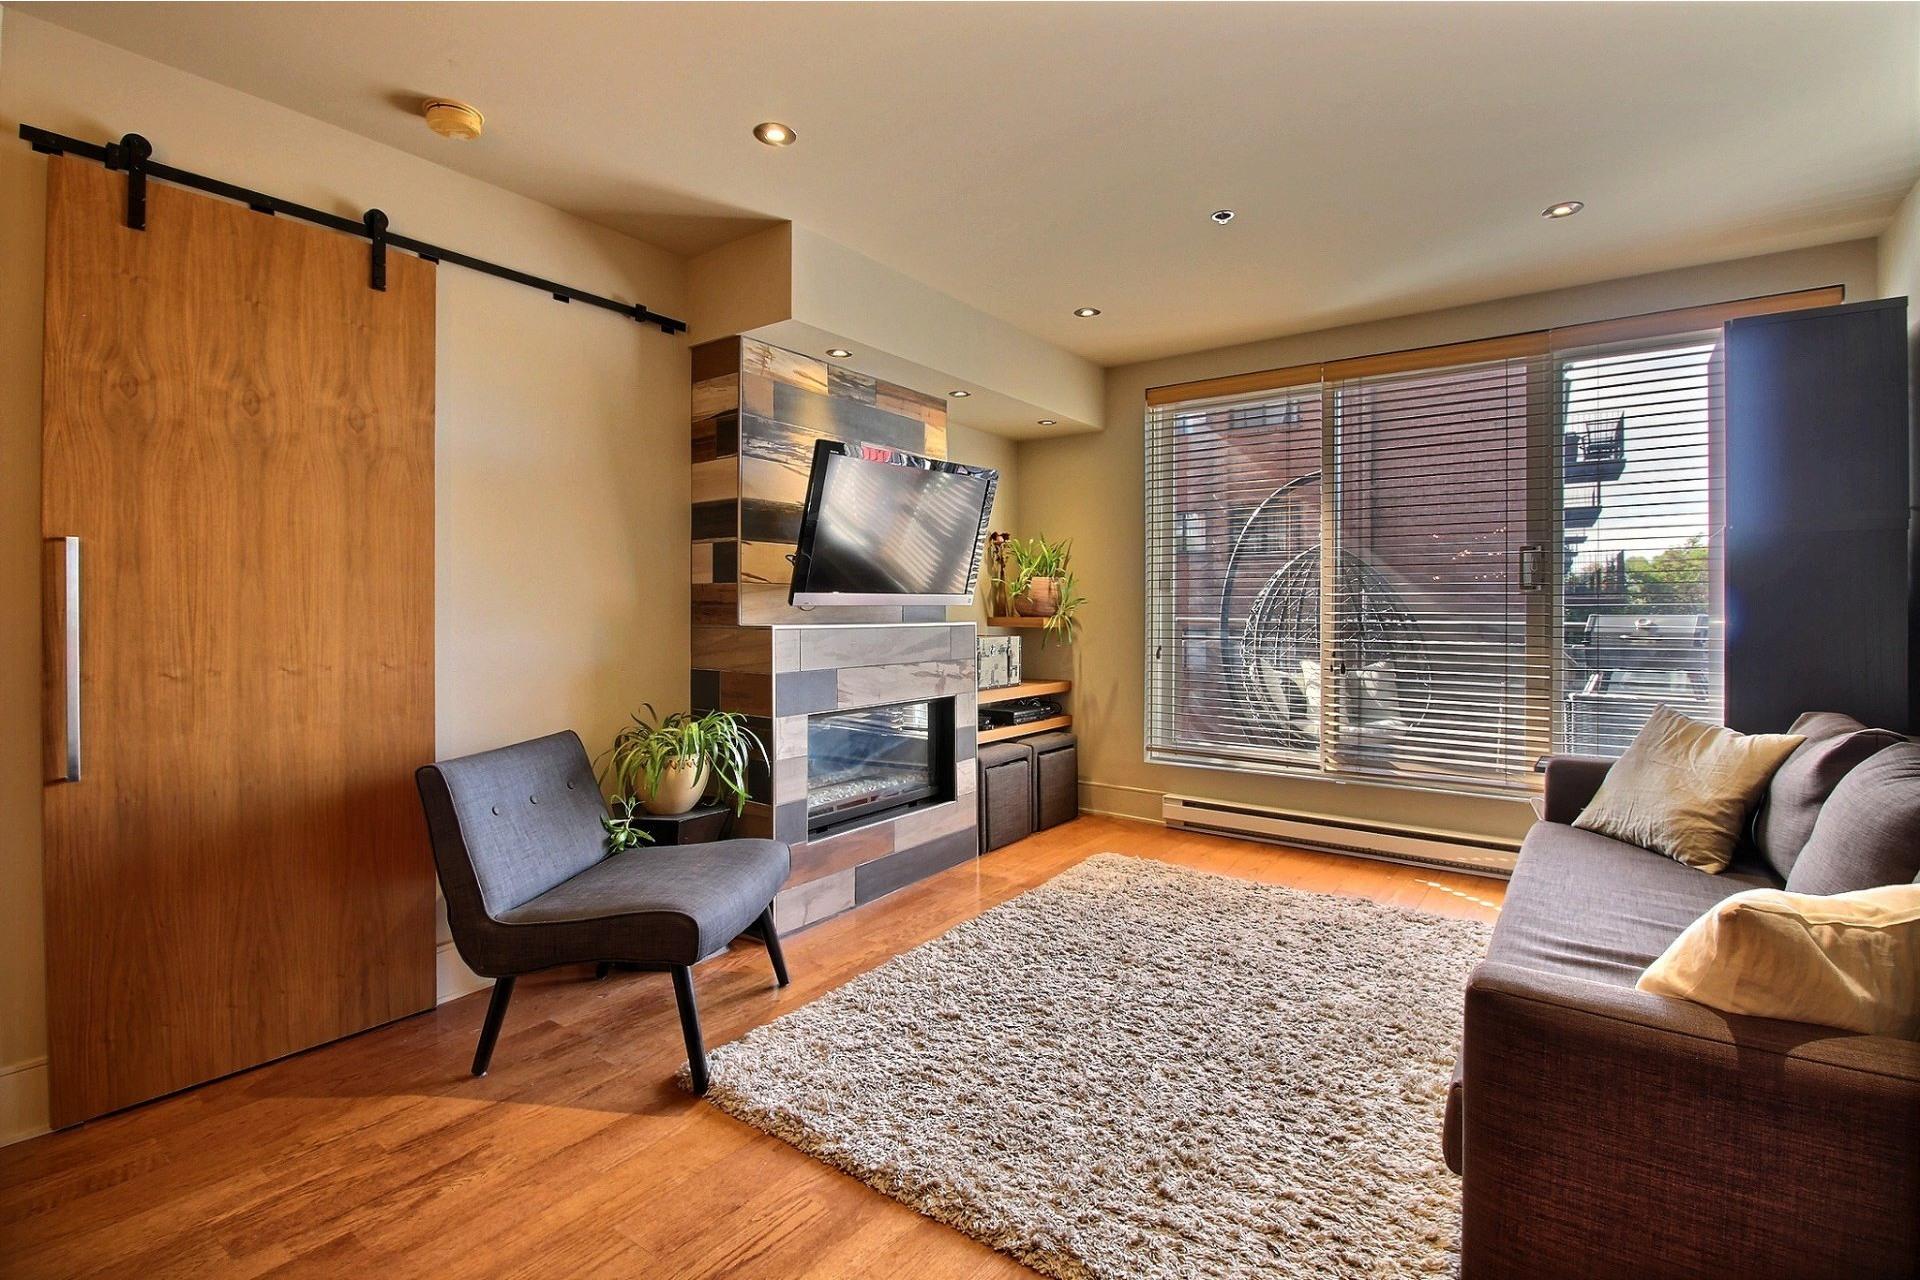 image 5 - Appartement À louer Ville-Marie Montréal  - 6 pièces